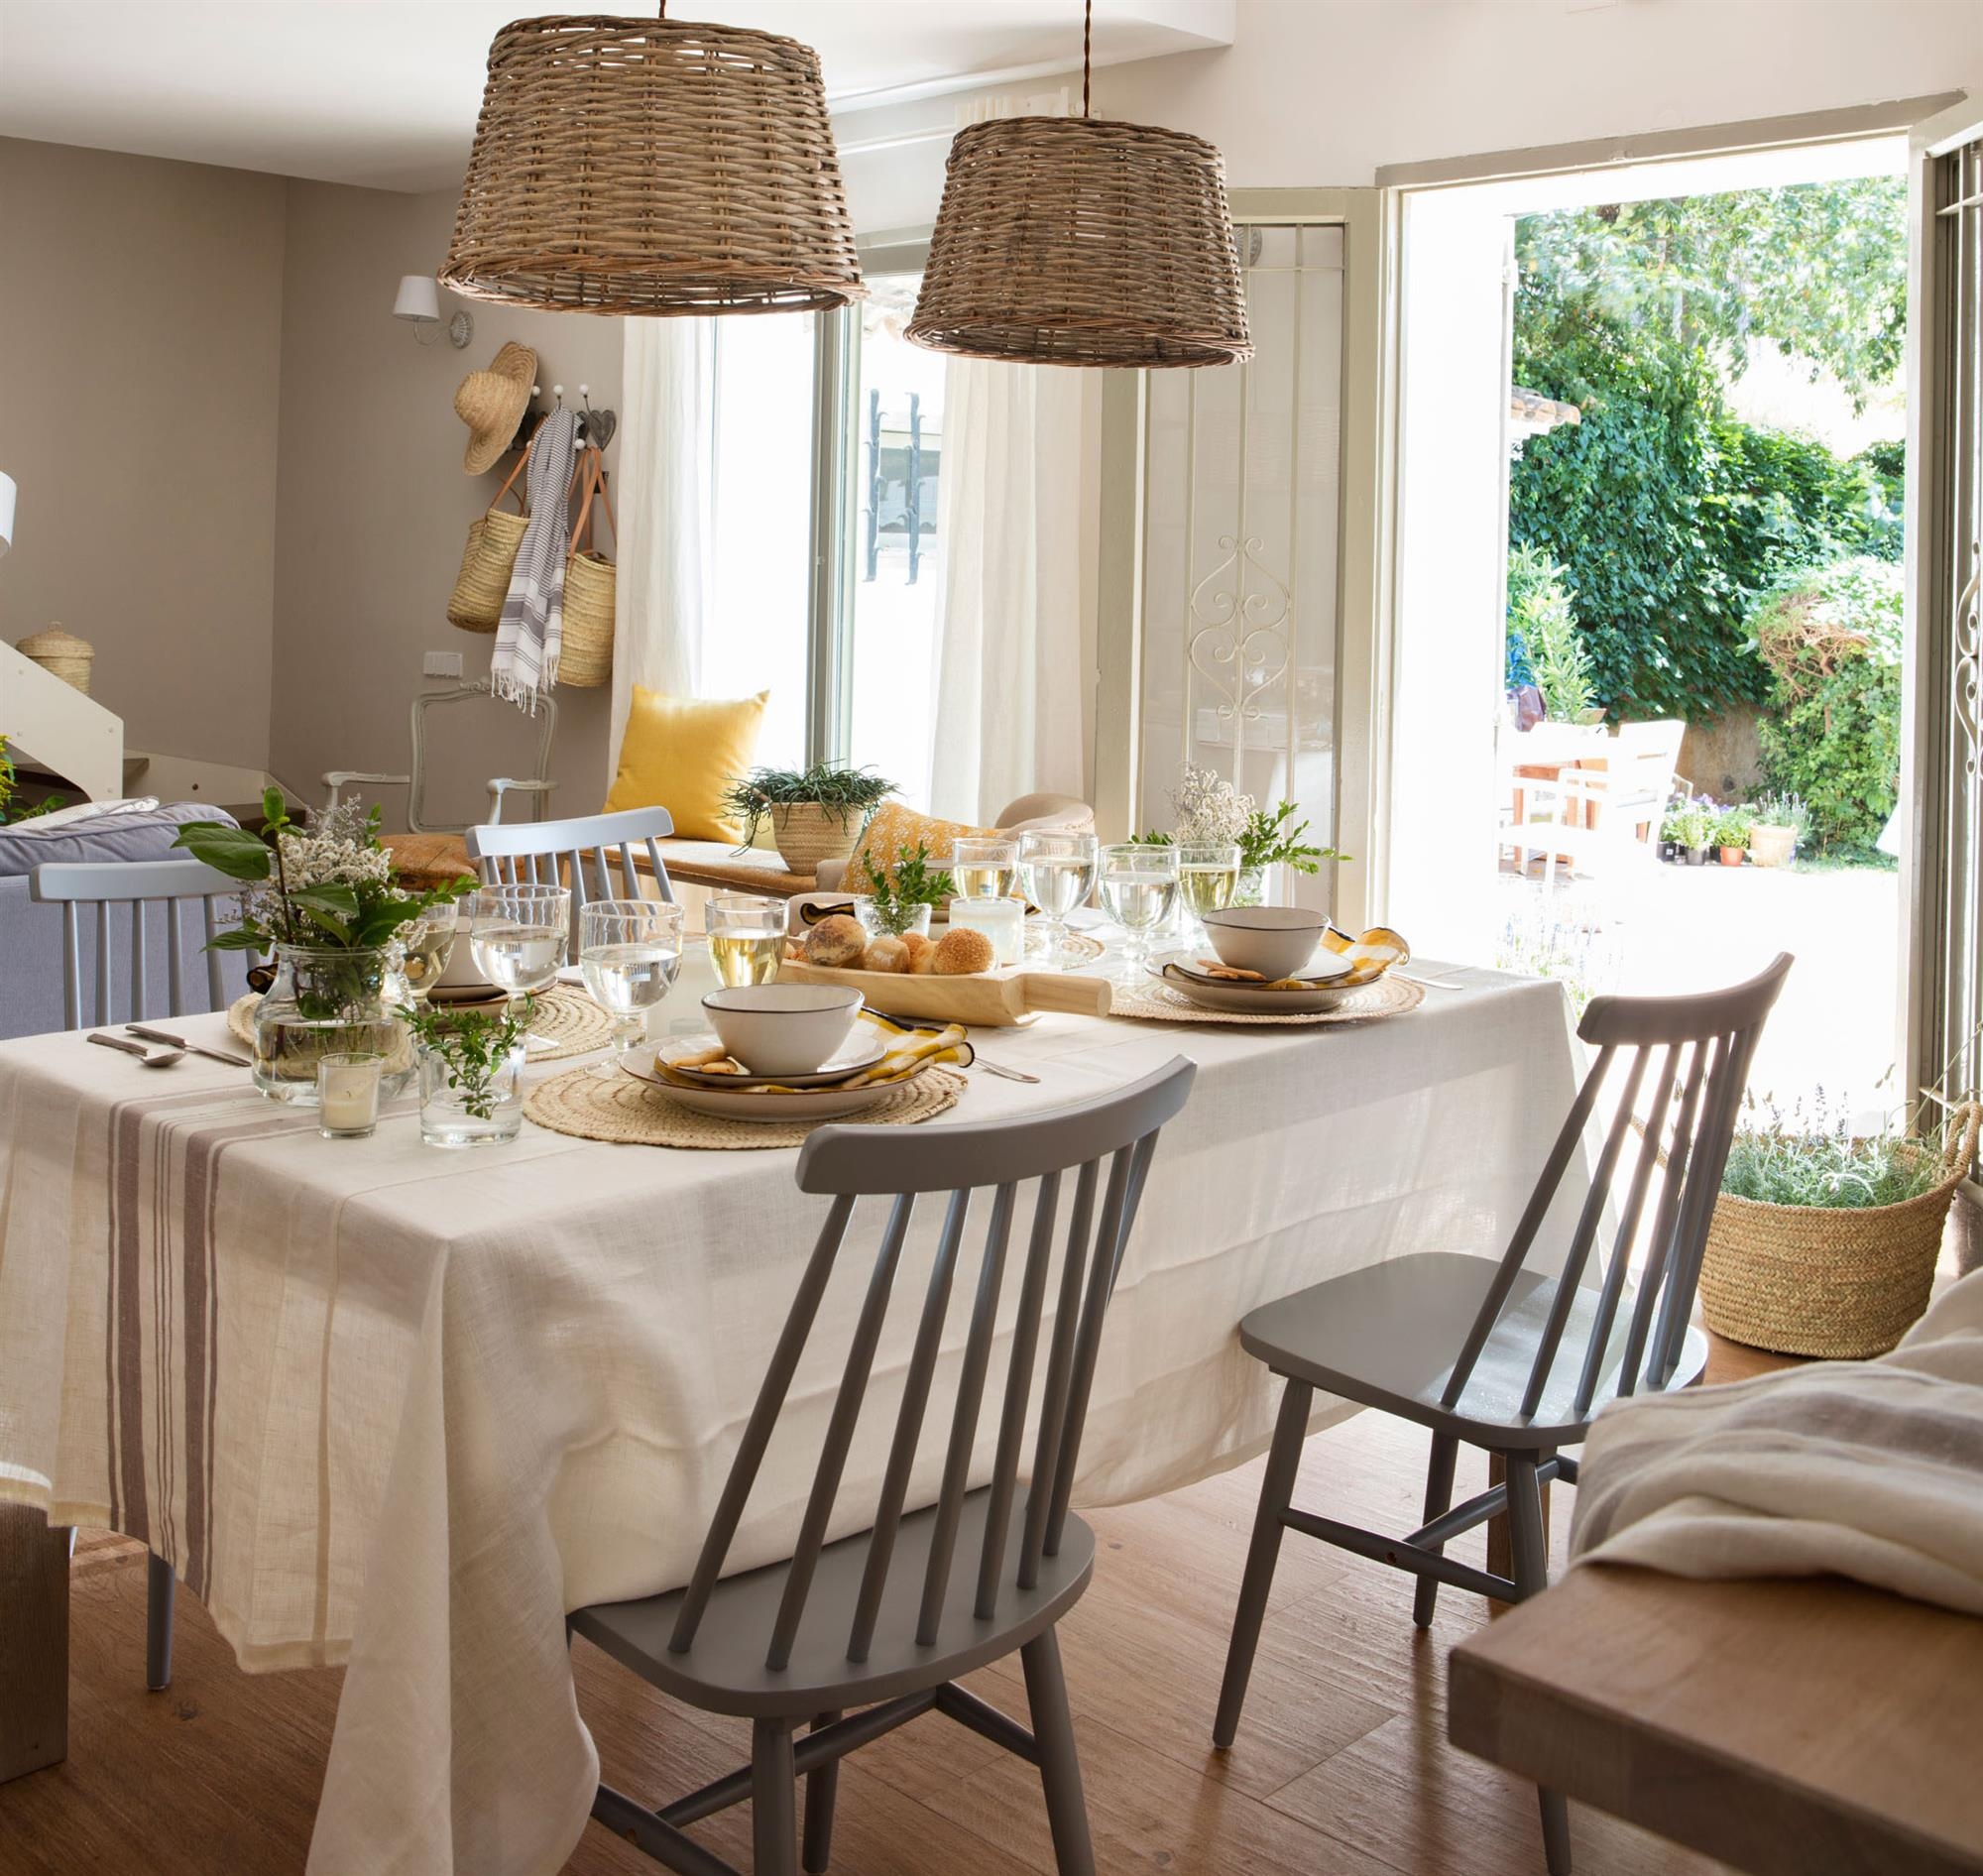 1454 fotos de mesas de comedor - Telas para sillas de cocina ...